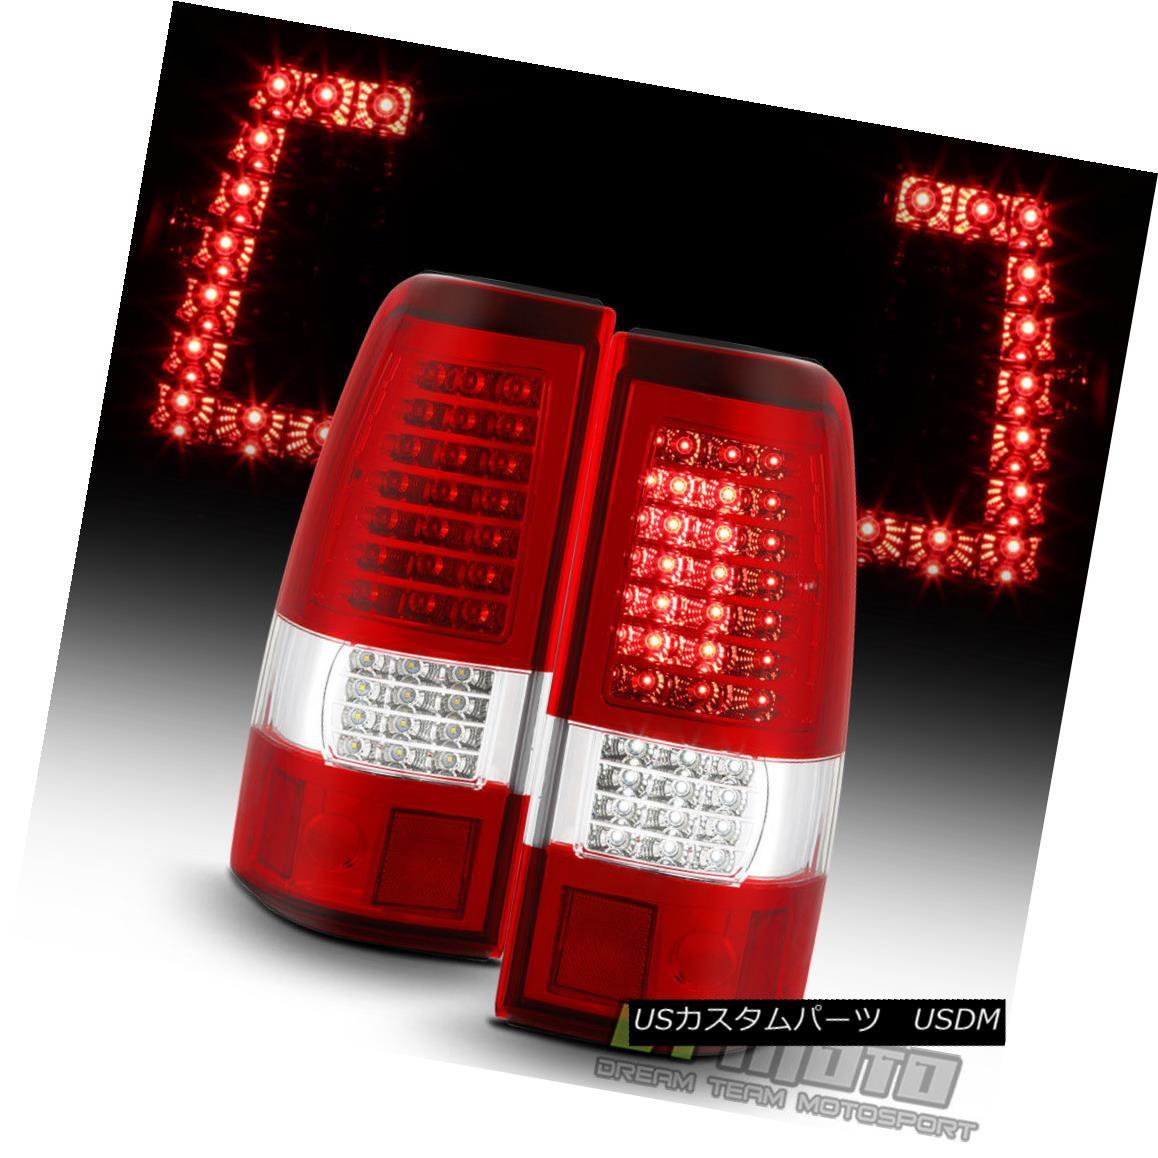 テールライト 2003-2006 Chevy Silverado 1500 2500 3500 Red Clear C-Strip LED Tail Lights Lamps 2003-2006 Chevy Silverado 1500 2500 3500レッドクリアCストリップLEDテールライトランプ